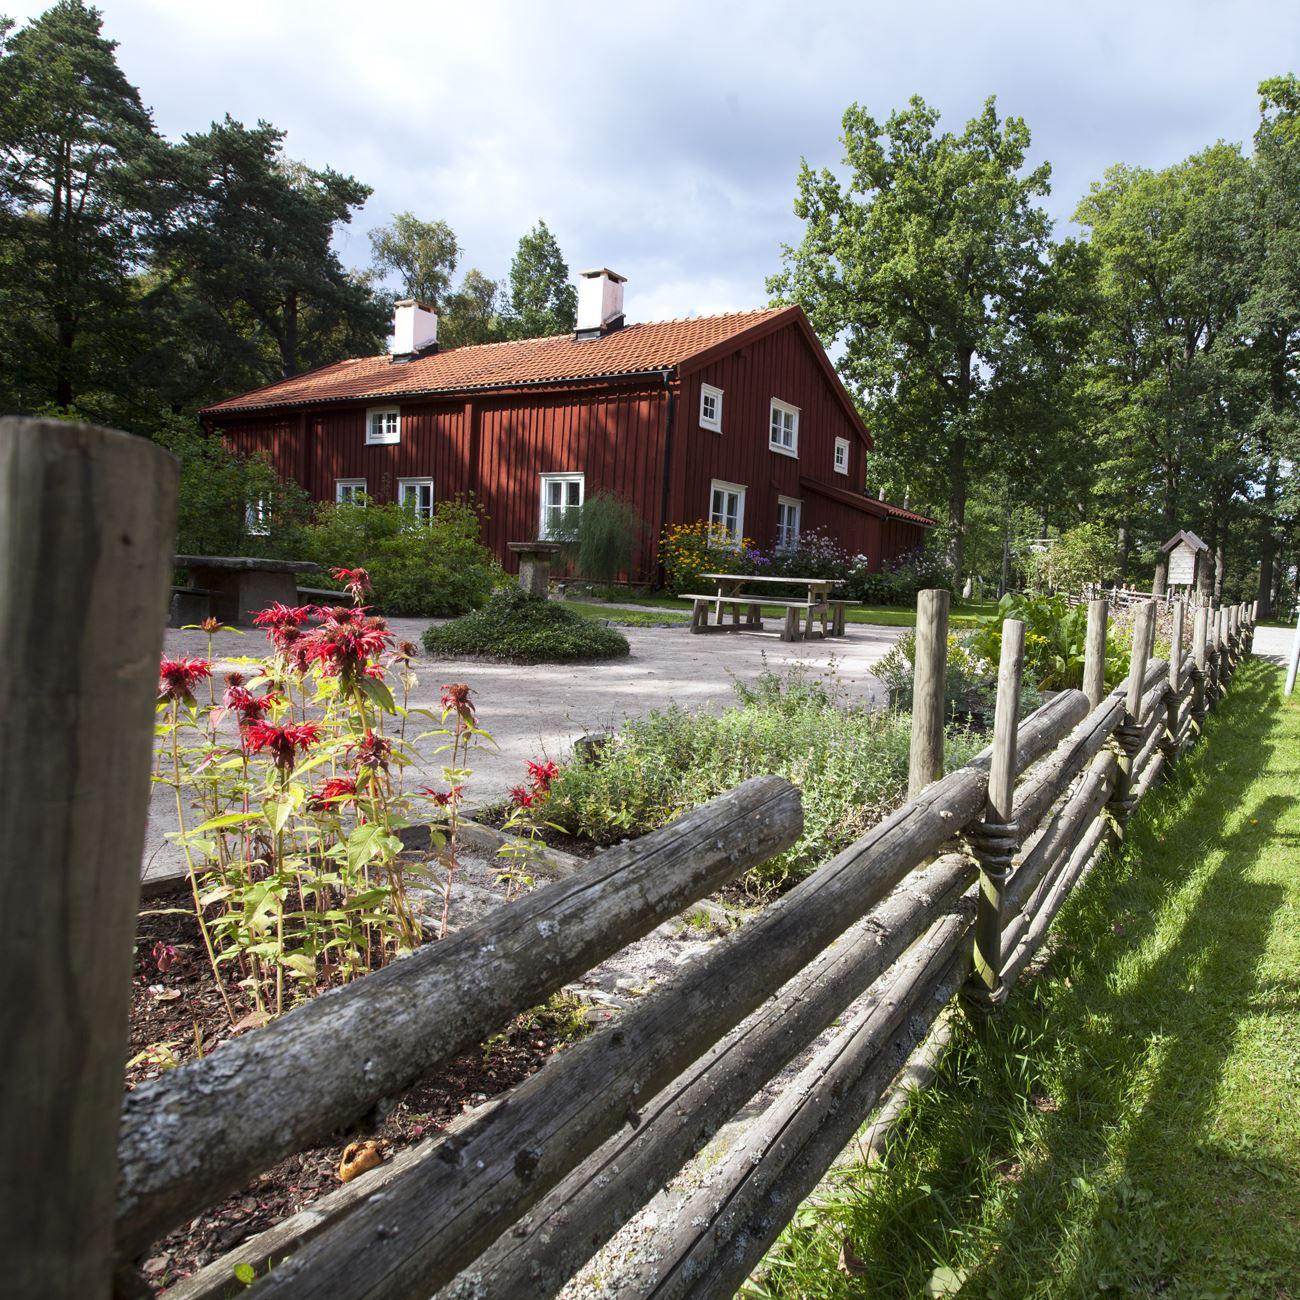 Smålandsbilder.se,  © Värnamo Näringsliv AB , Mistelås gamla prästgård i Apladalen